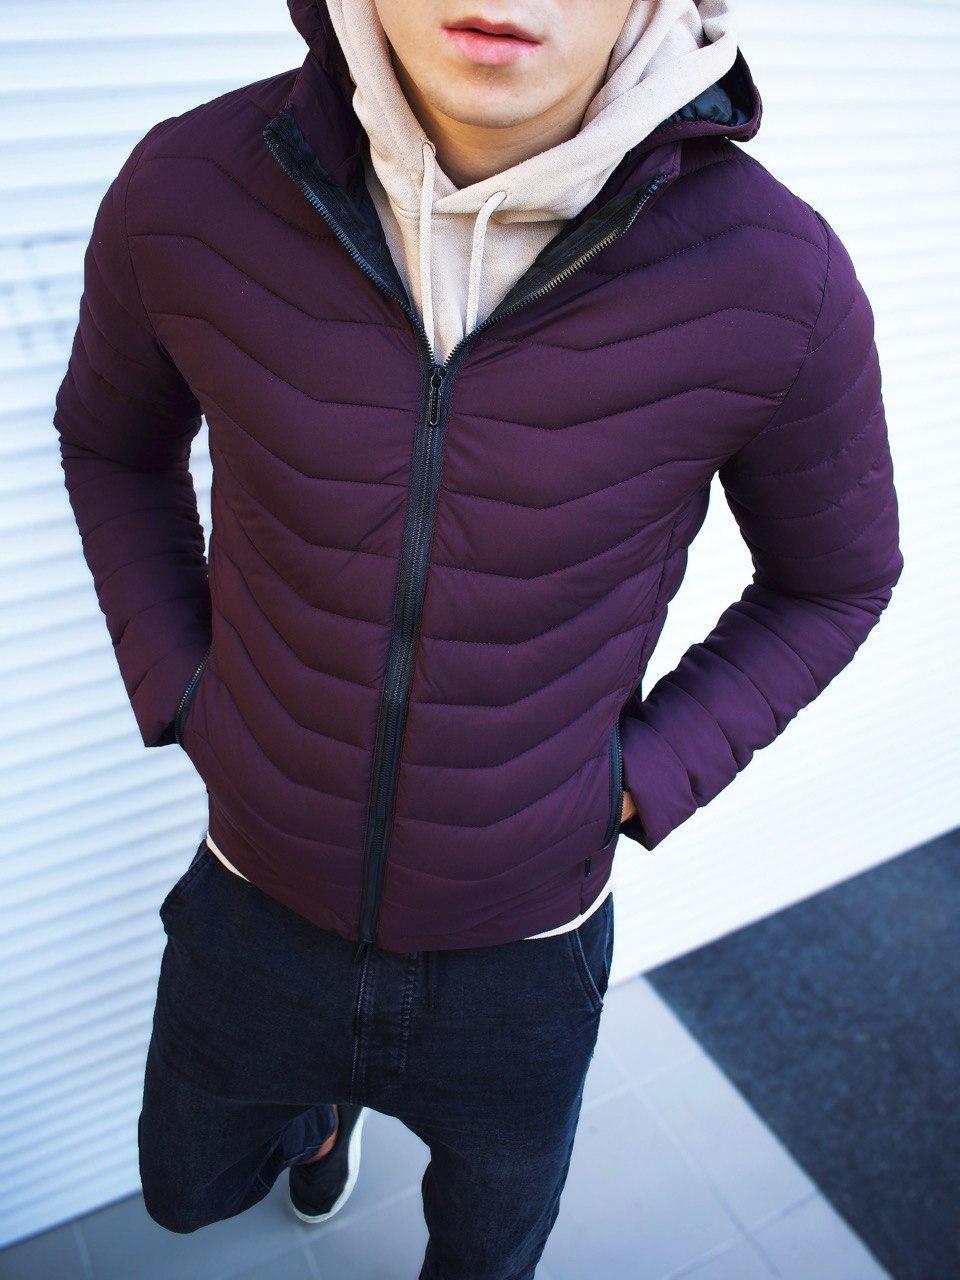 Мужская куртка капюшон стеганая бордо